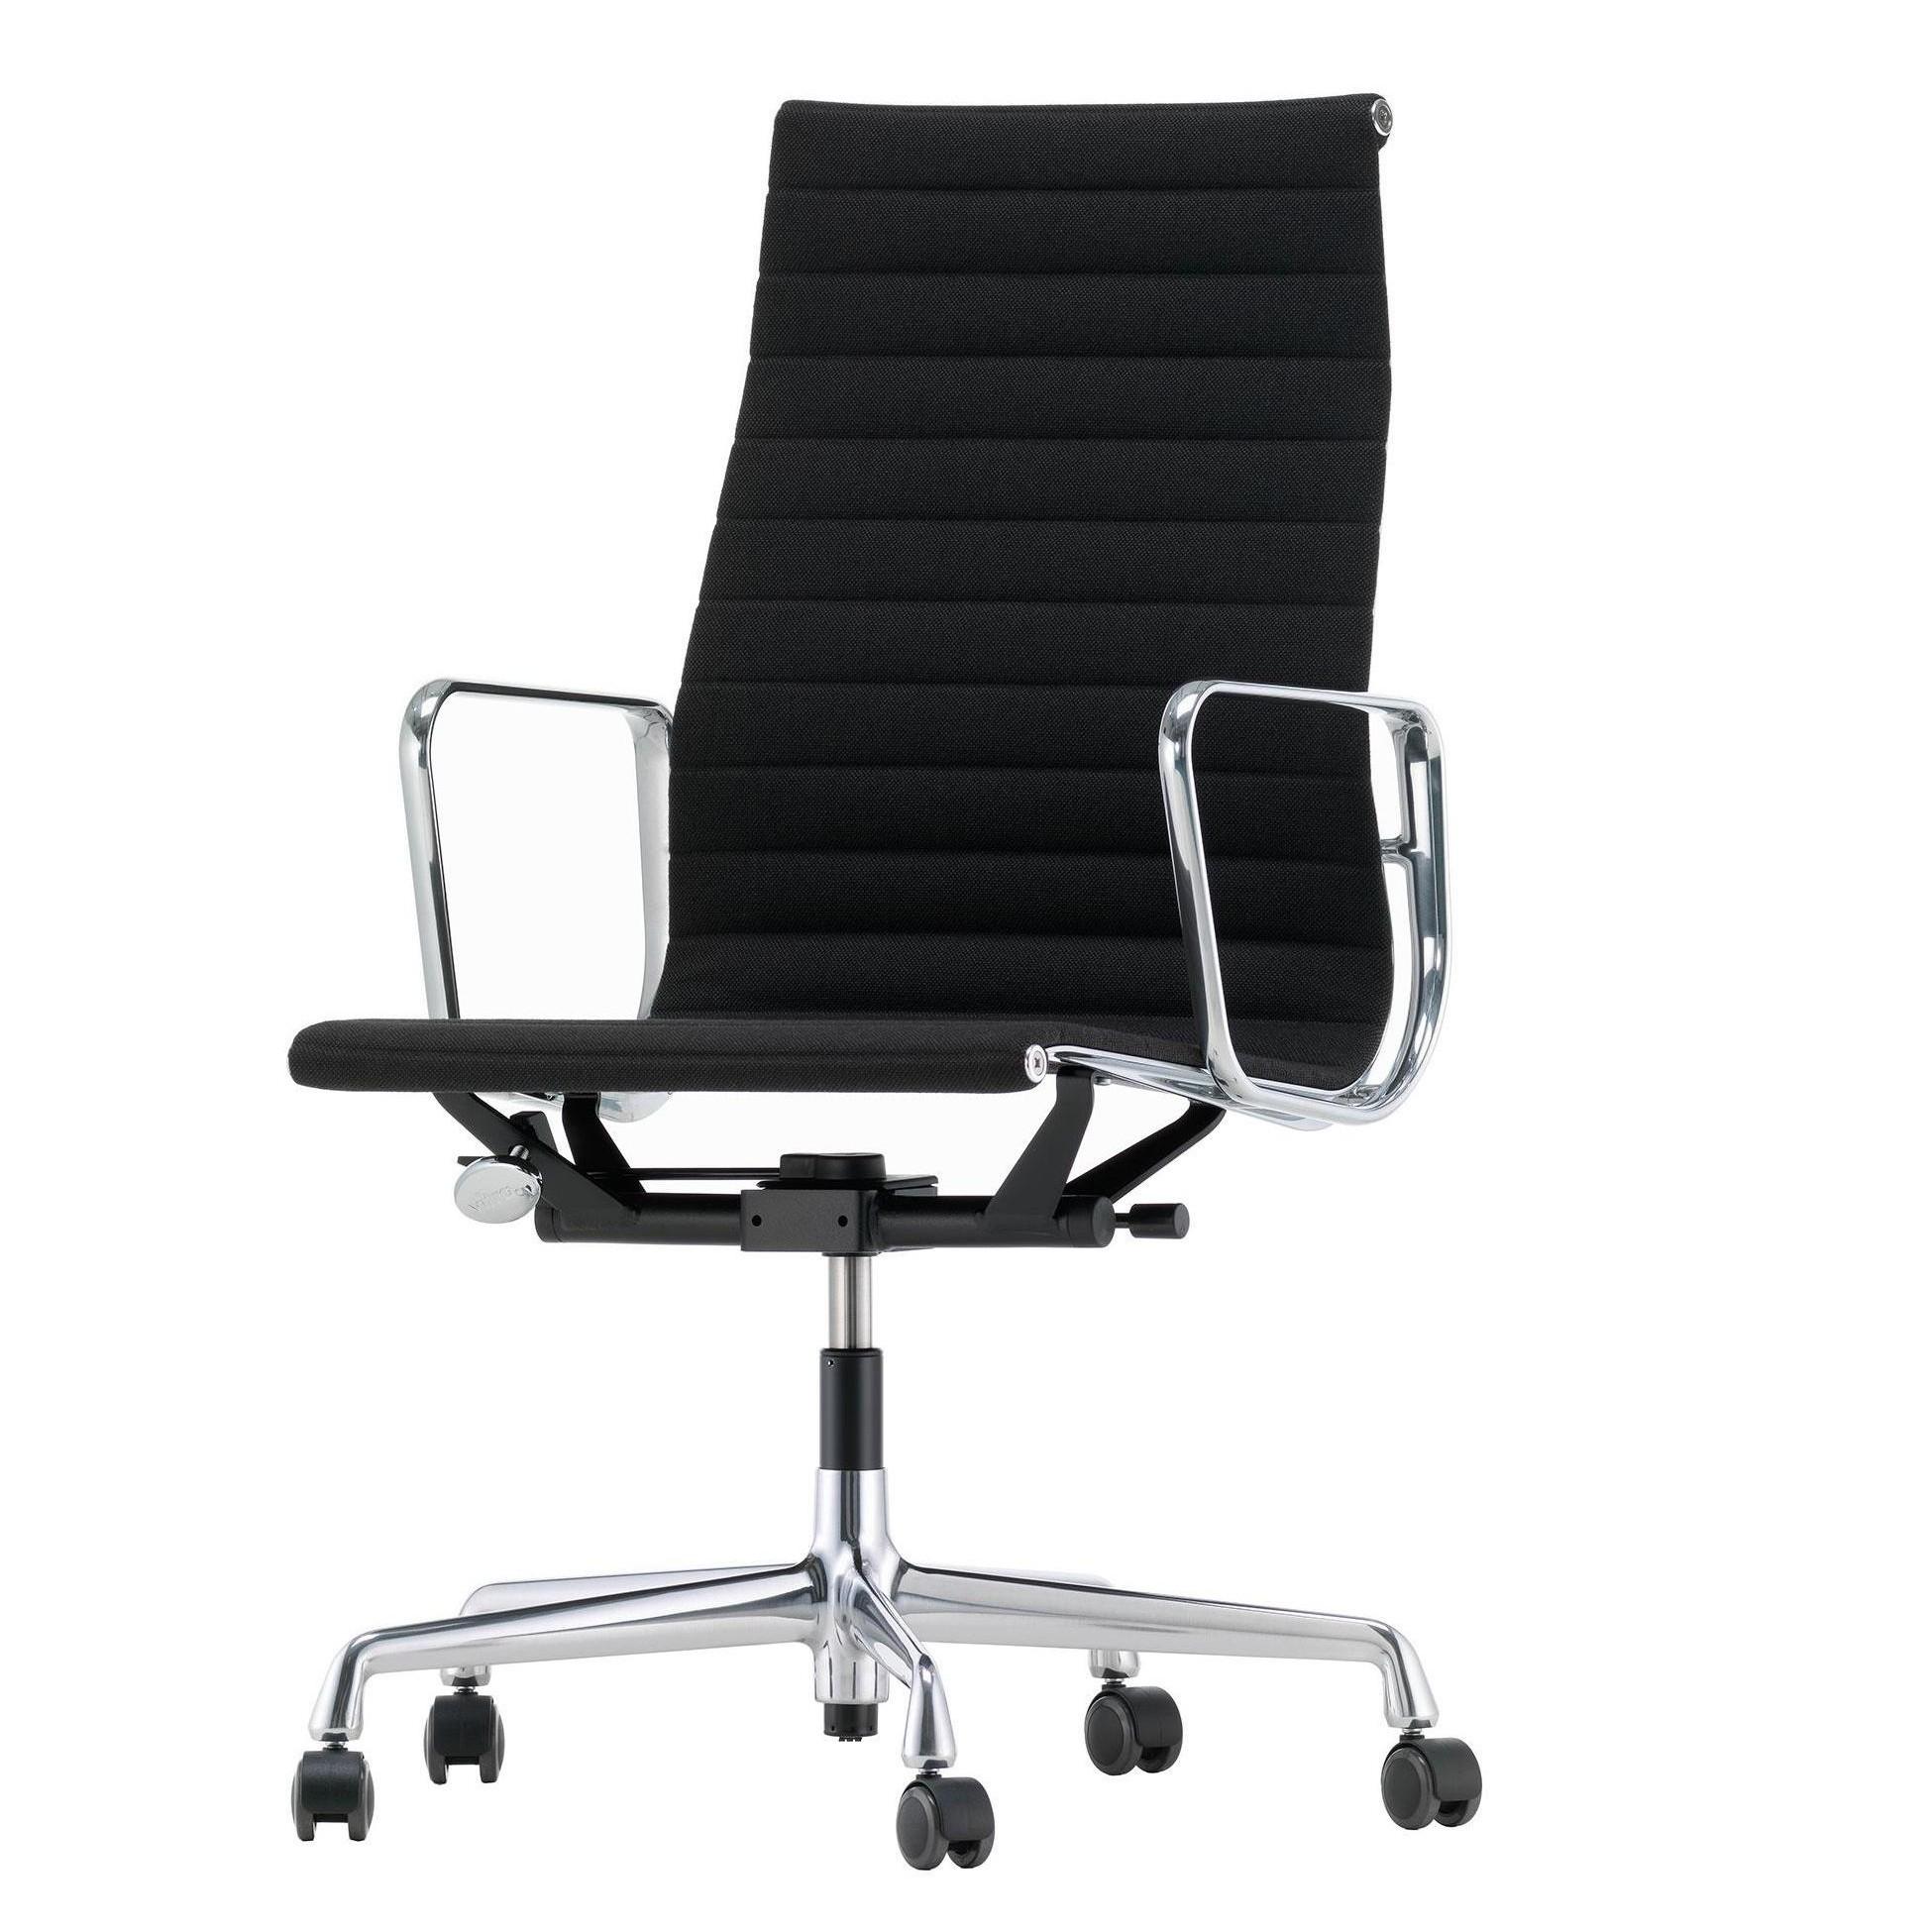 Vitra   EA 119 Alu Chair/ Polished Base   Fabric Hopsak 66 Nero Black/